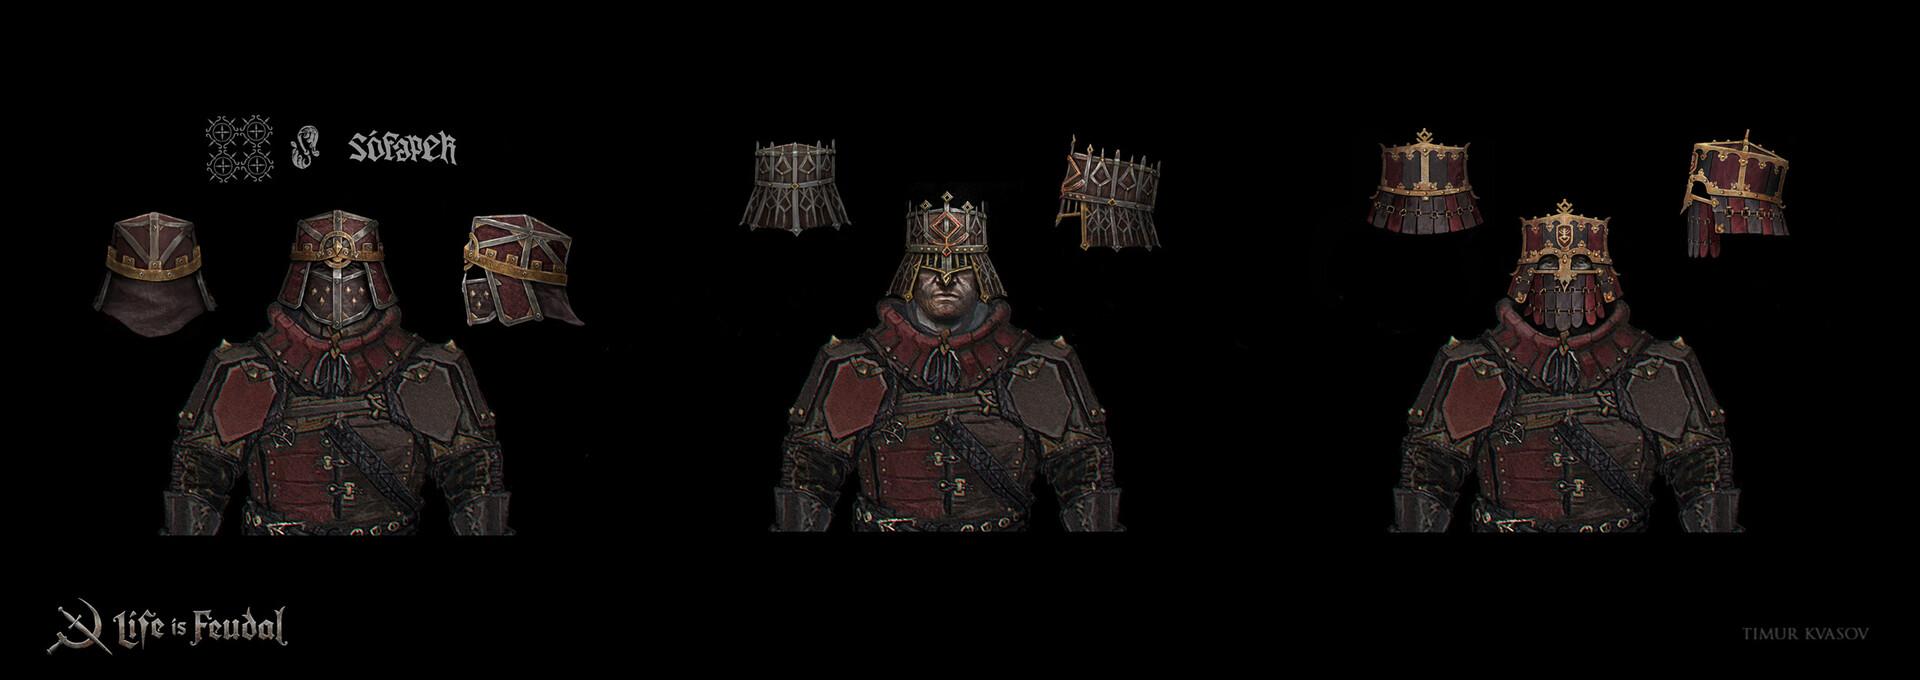 Timur kvasov lif helmets 02